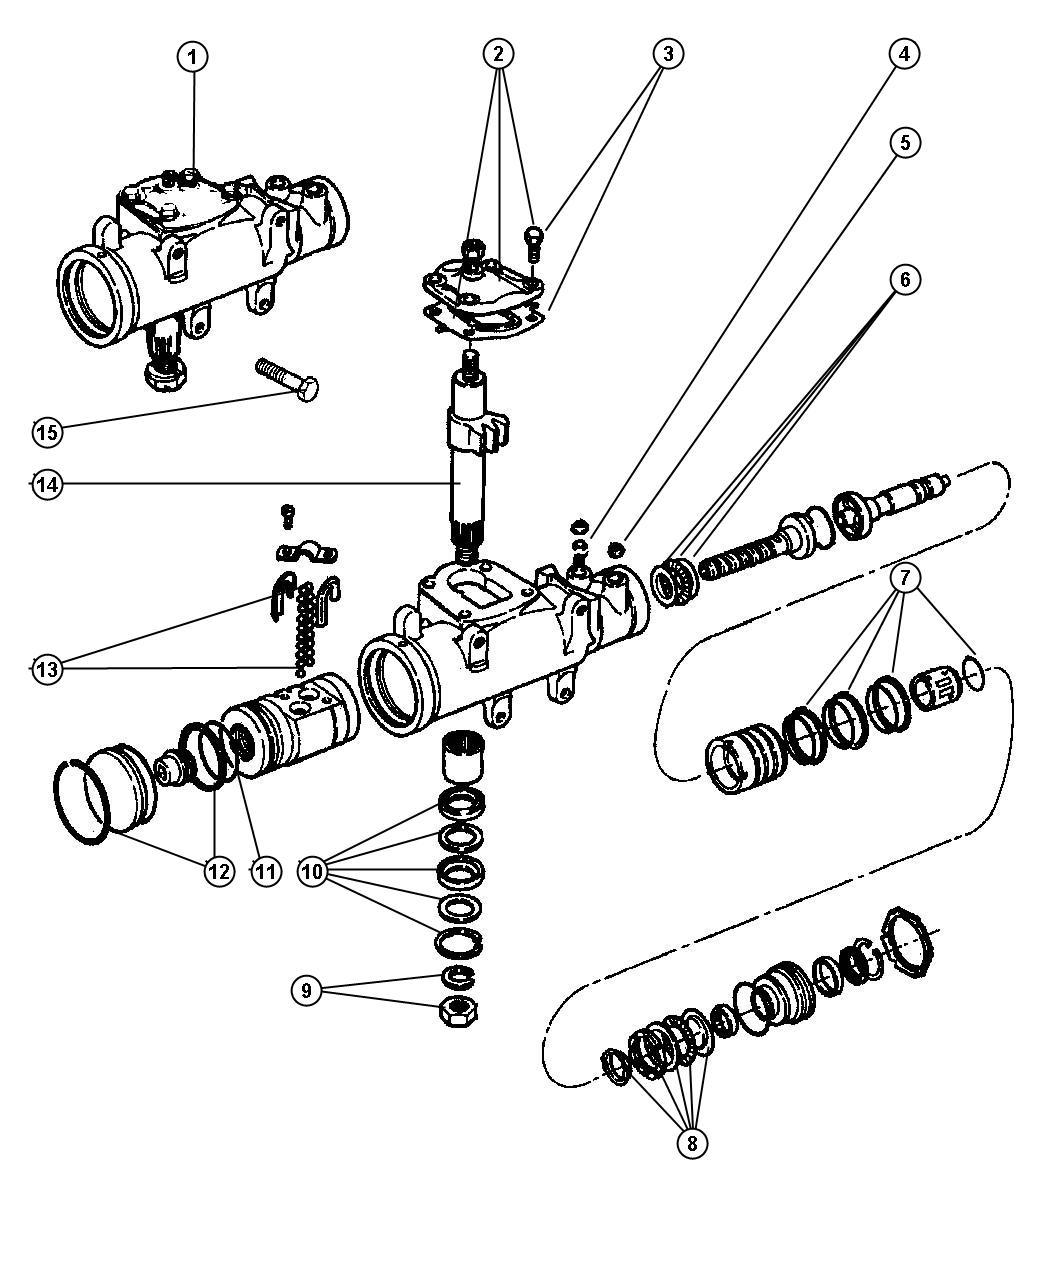 Dodge Ram Power Steering Gear